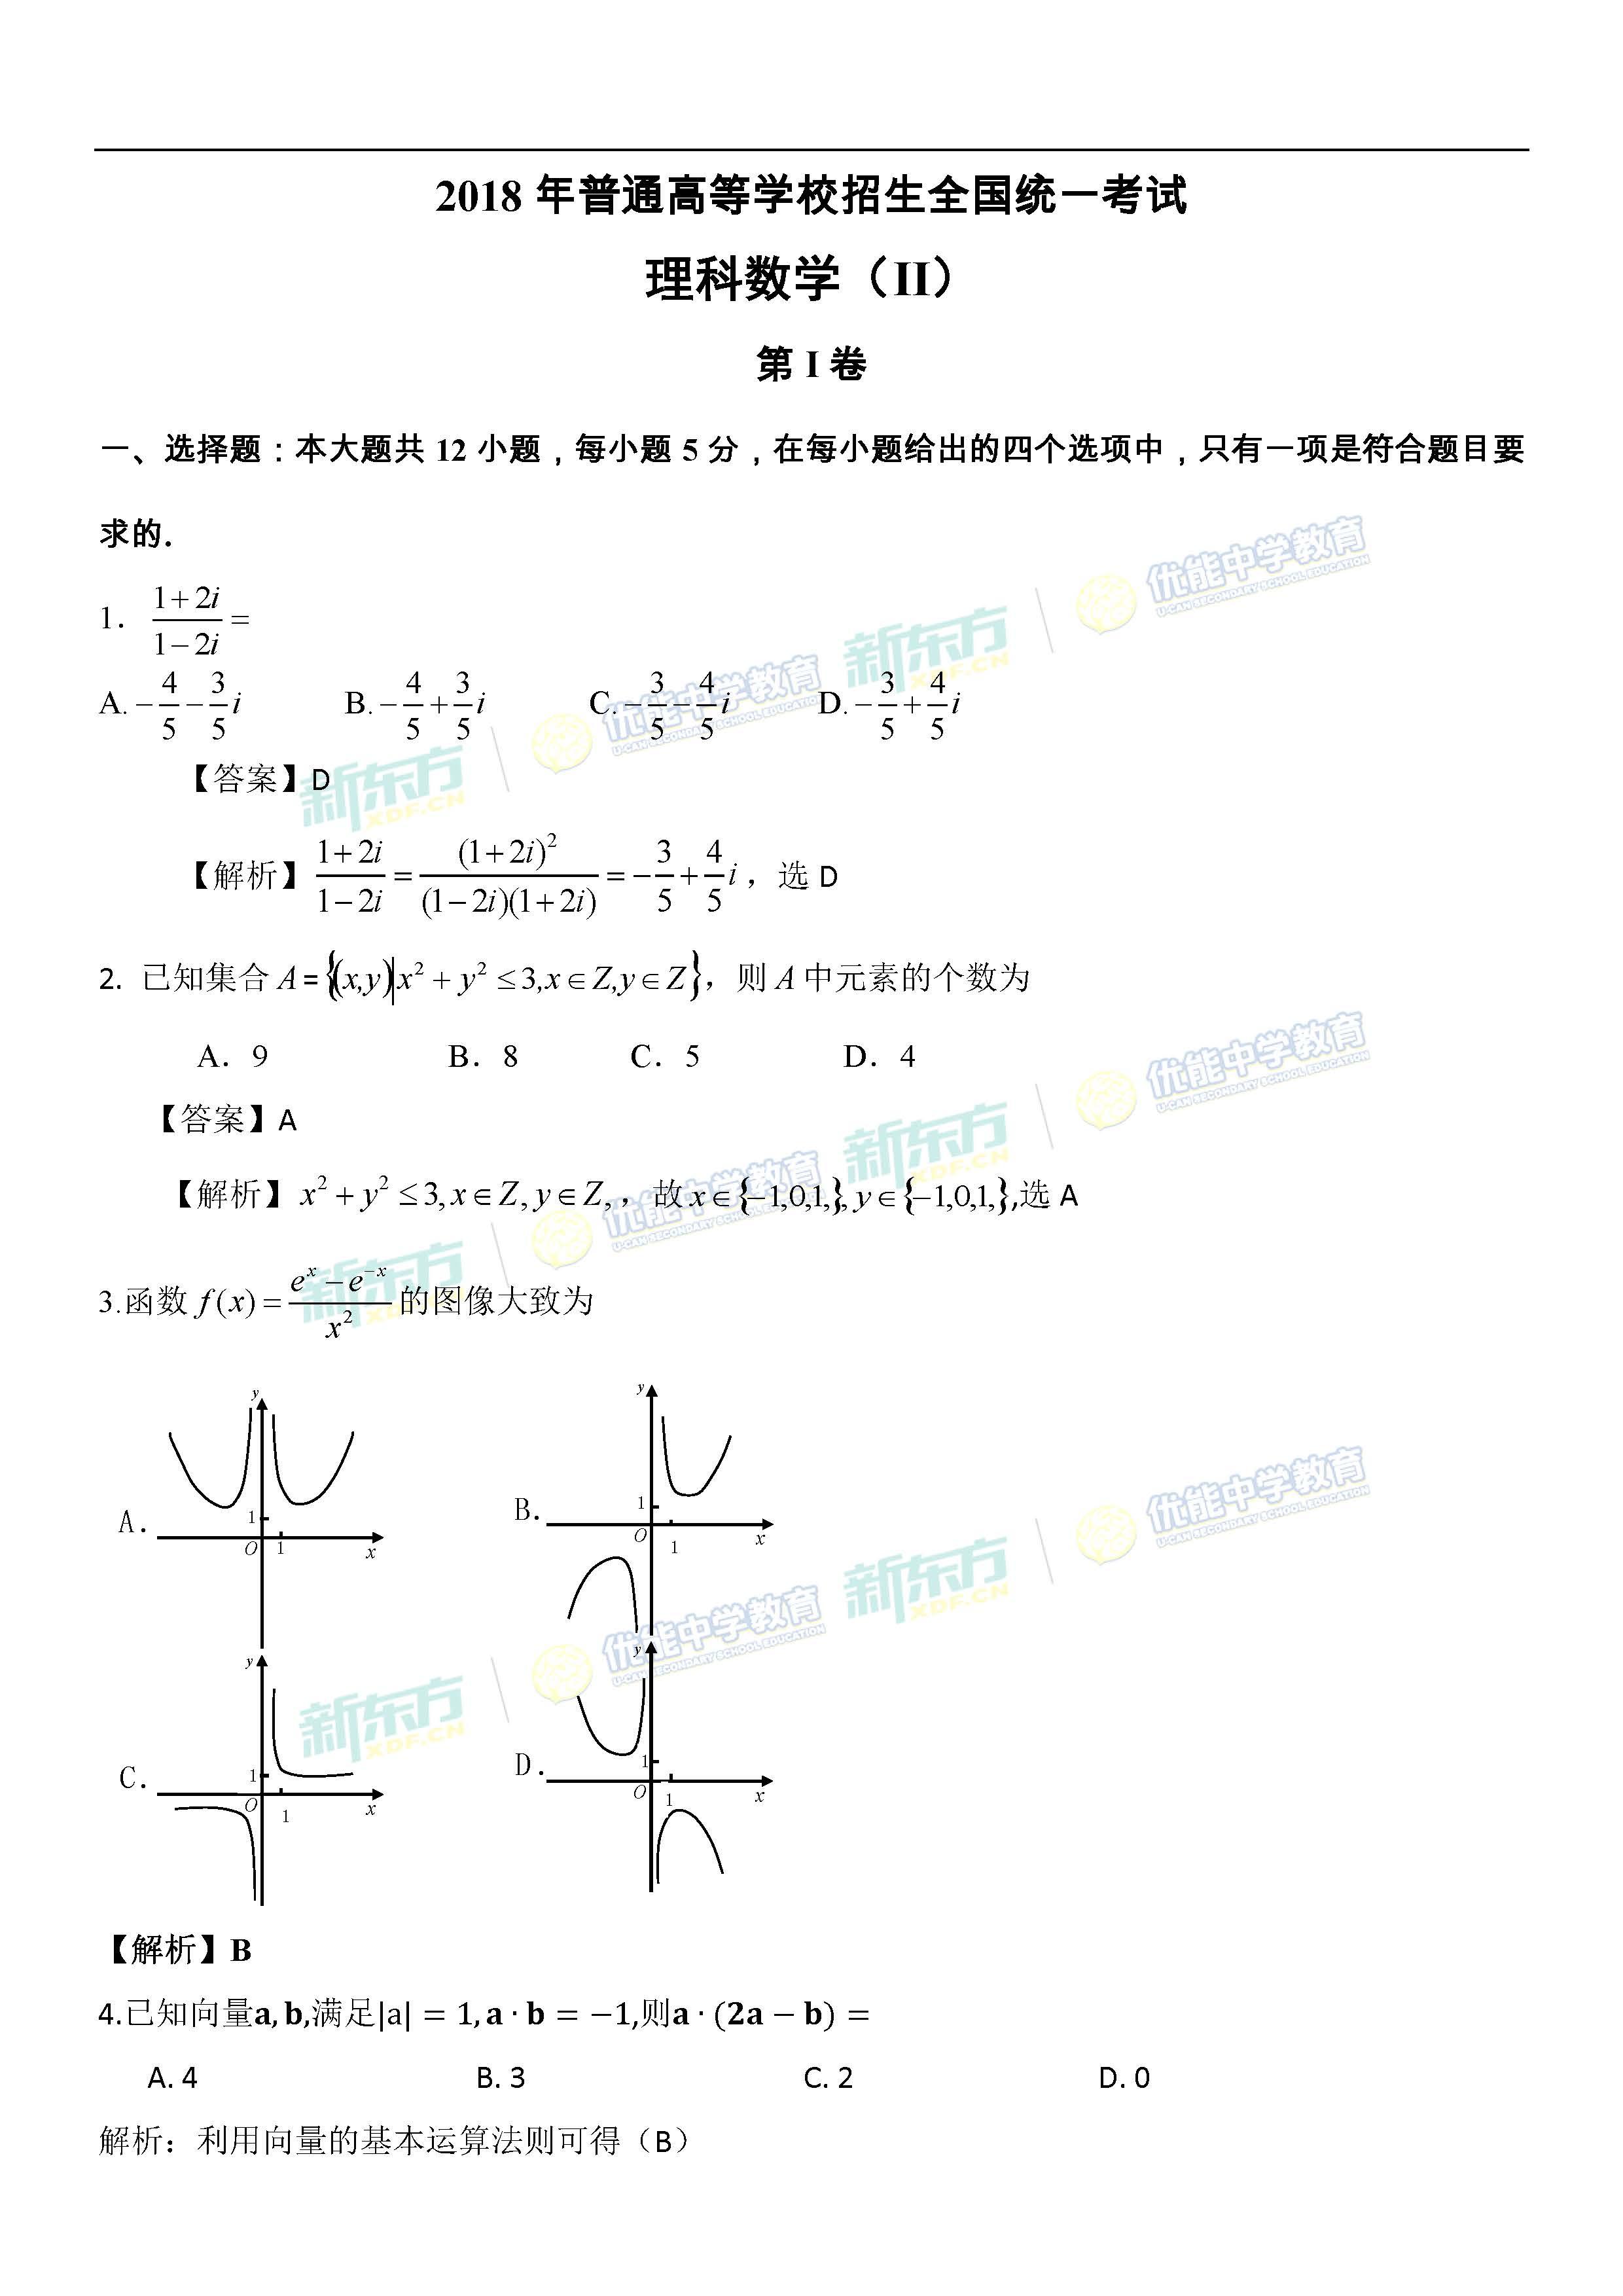 2018高考全国卷2数学理答案逐题解析(乌鲁木齐新东方)